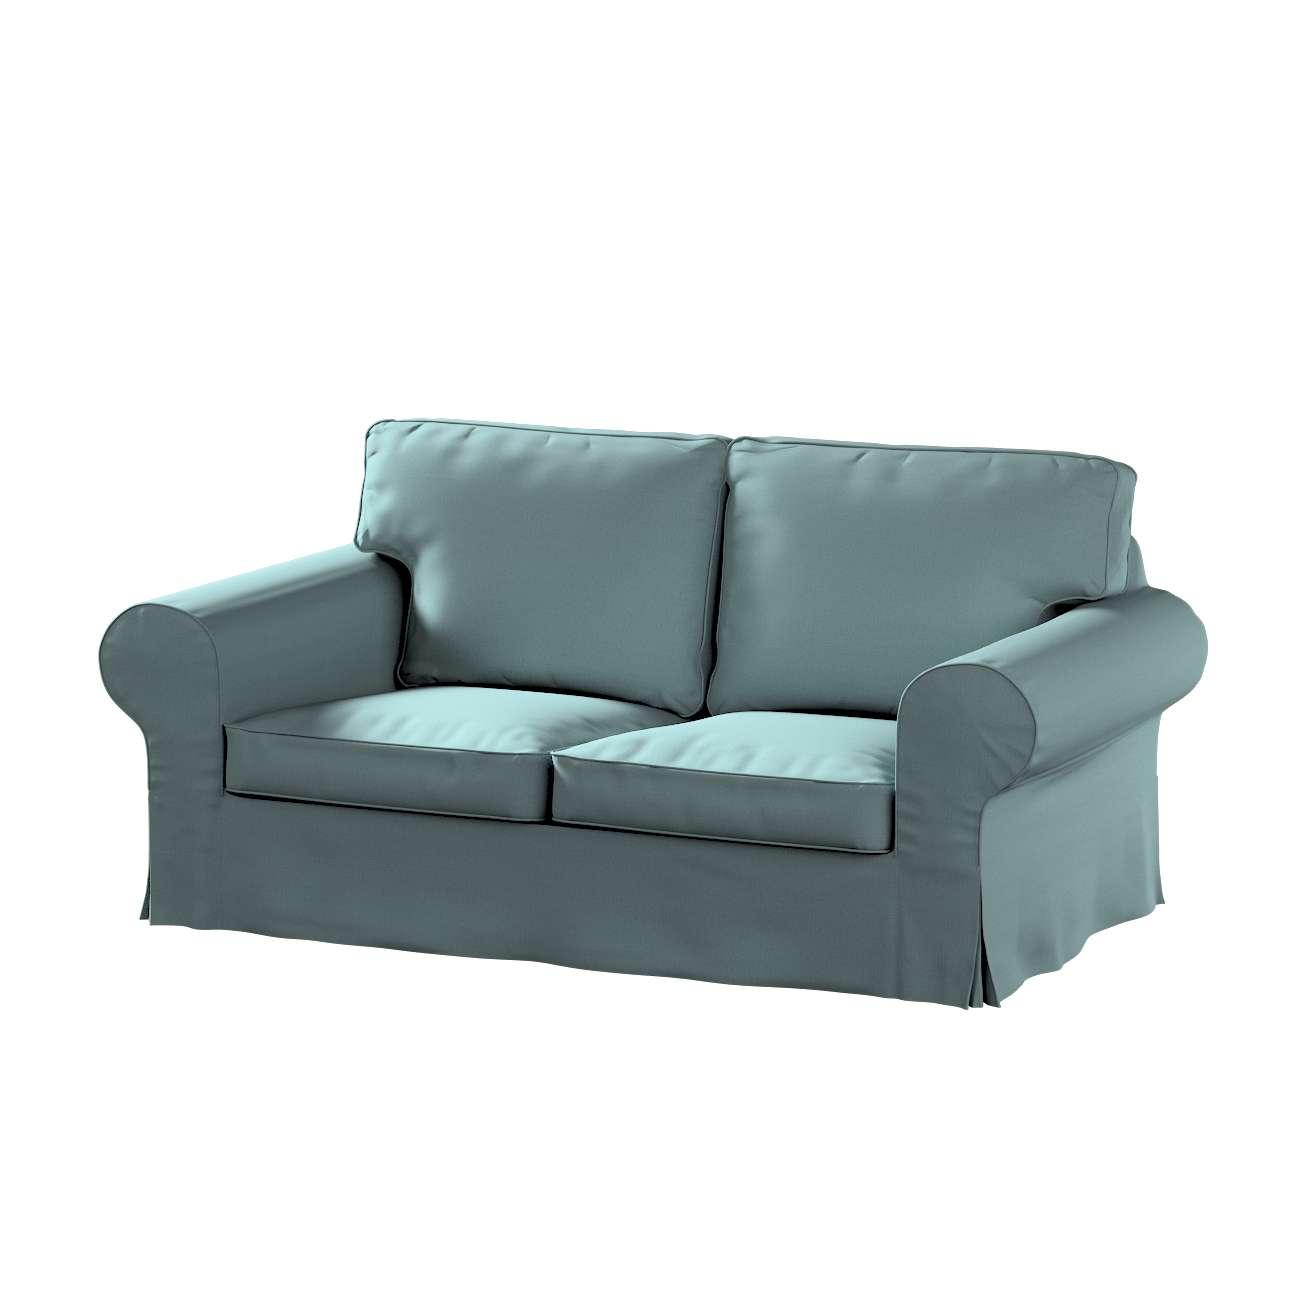 Bezug für Ektorp 2-Sitzer Sofa nicht ausklappbar von der Kollektion Cotton Panama, Stoff: 702-40